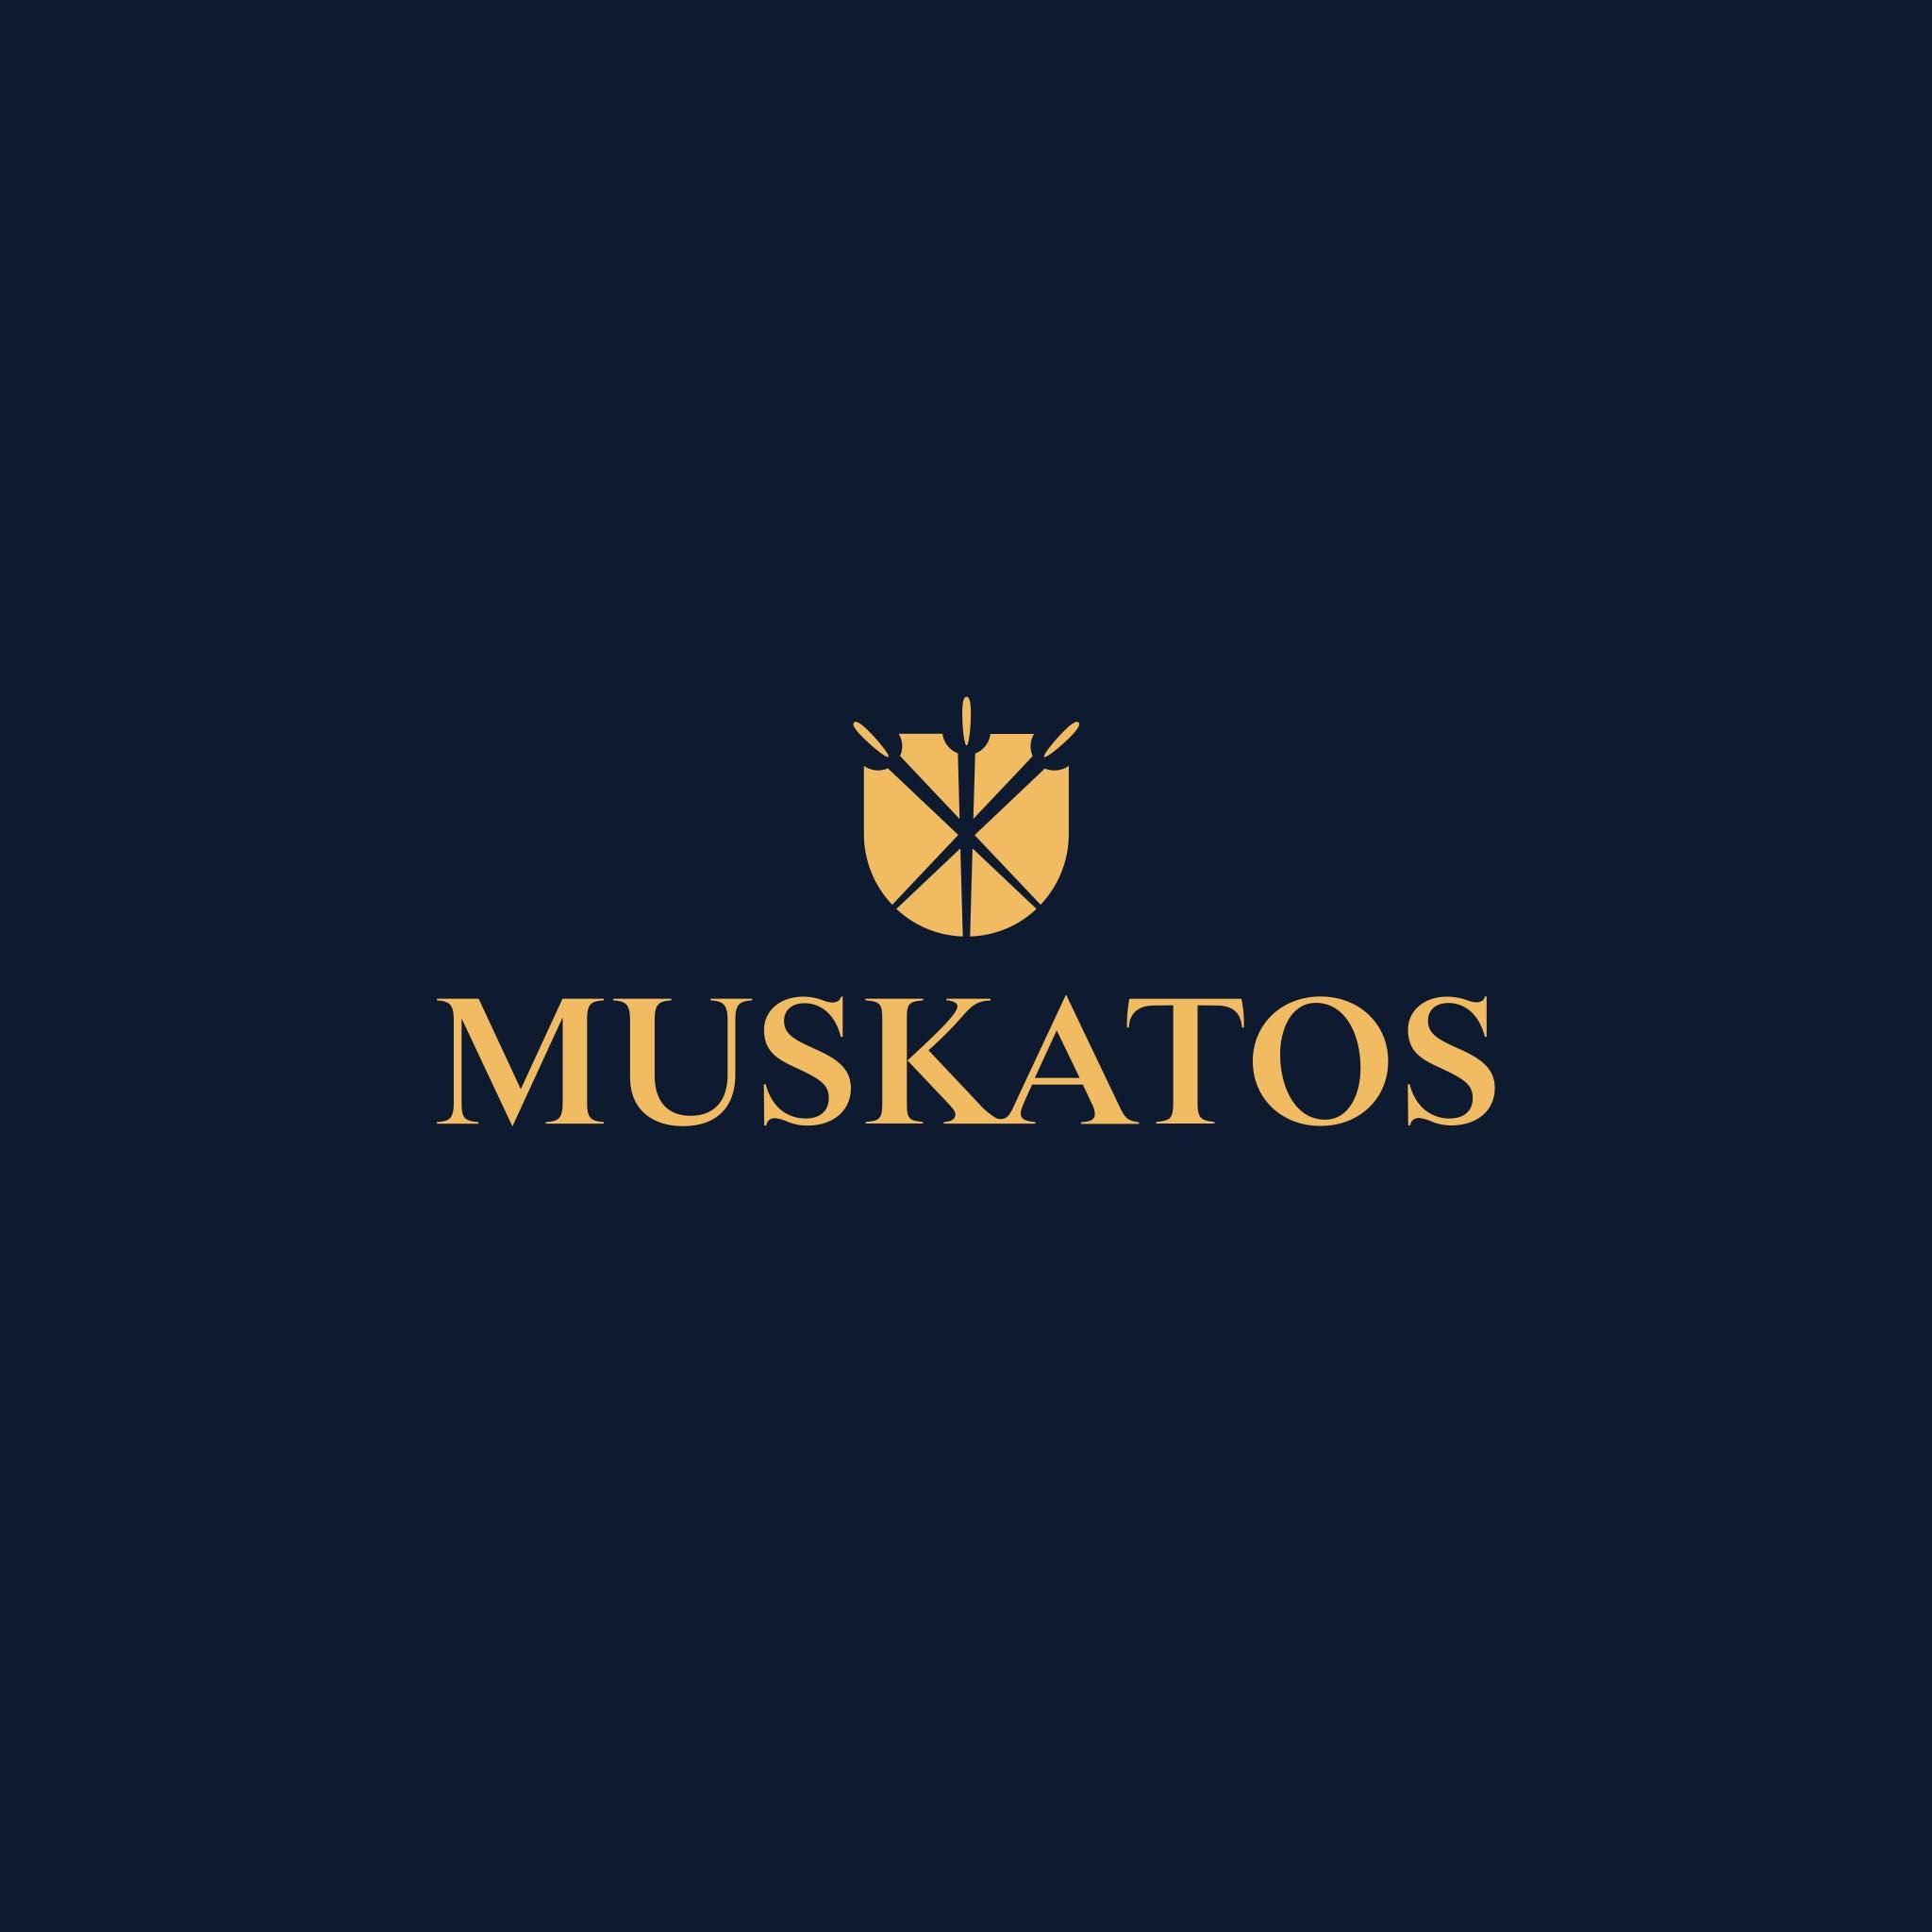 logo_muskatos_fallow_deer_kto_stworzyl_agencja_autor